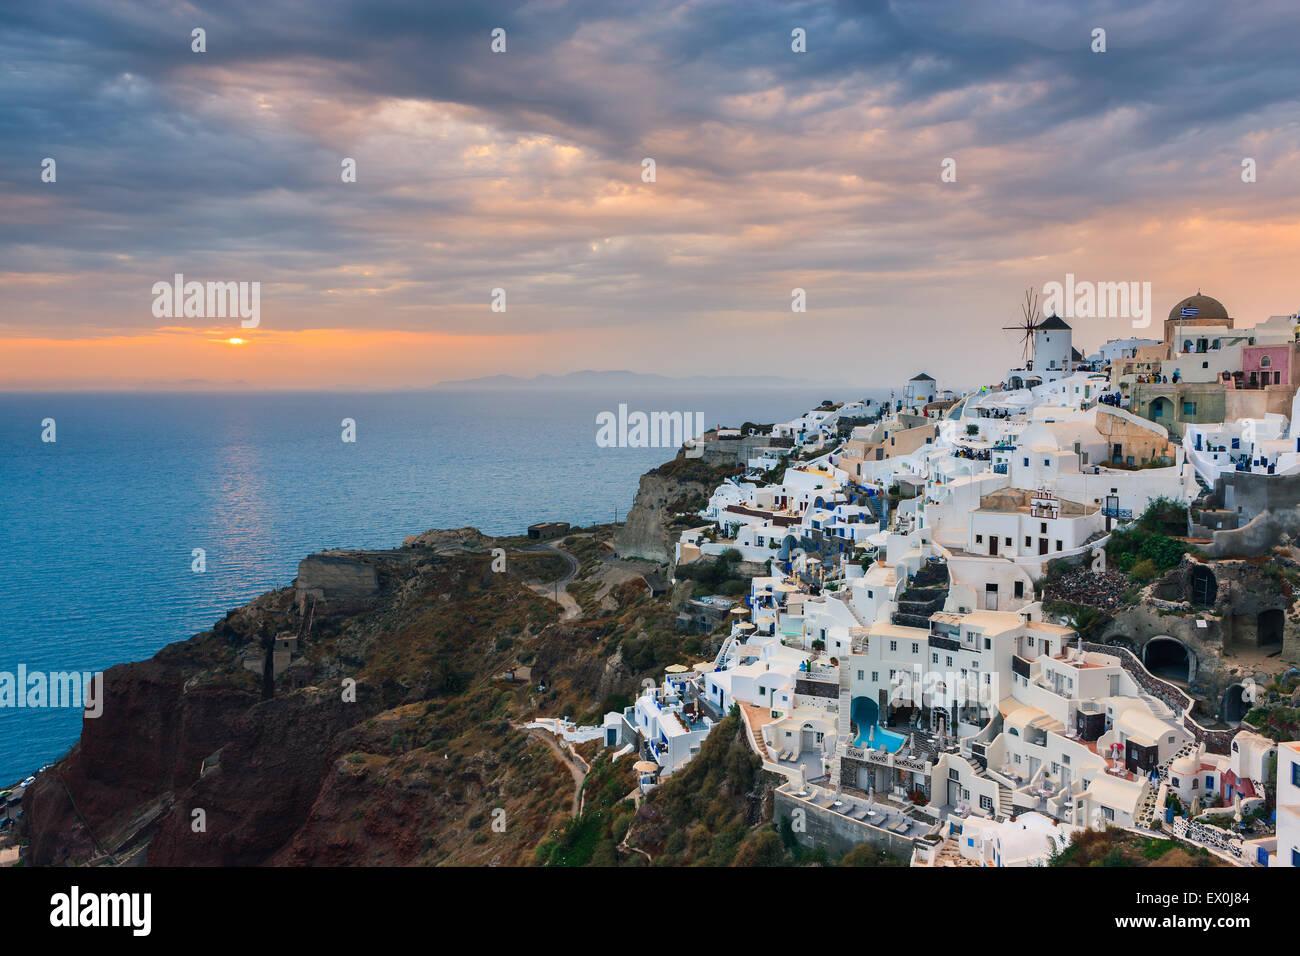 Die Stadt Oia während des Sonnenuntergangs auf Santorini, einer der Kykladen im Ägäischen Meer, Griechenland. Stockfoto